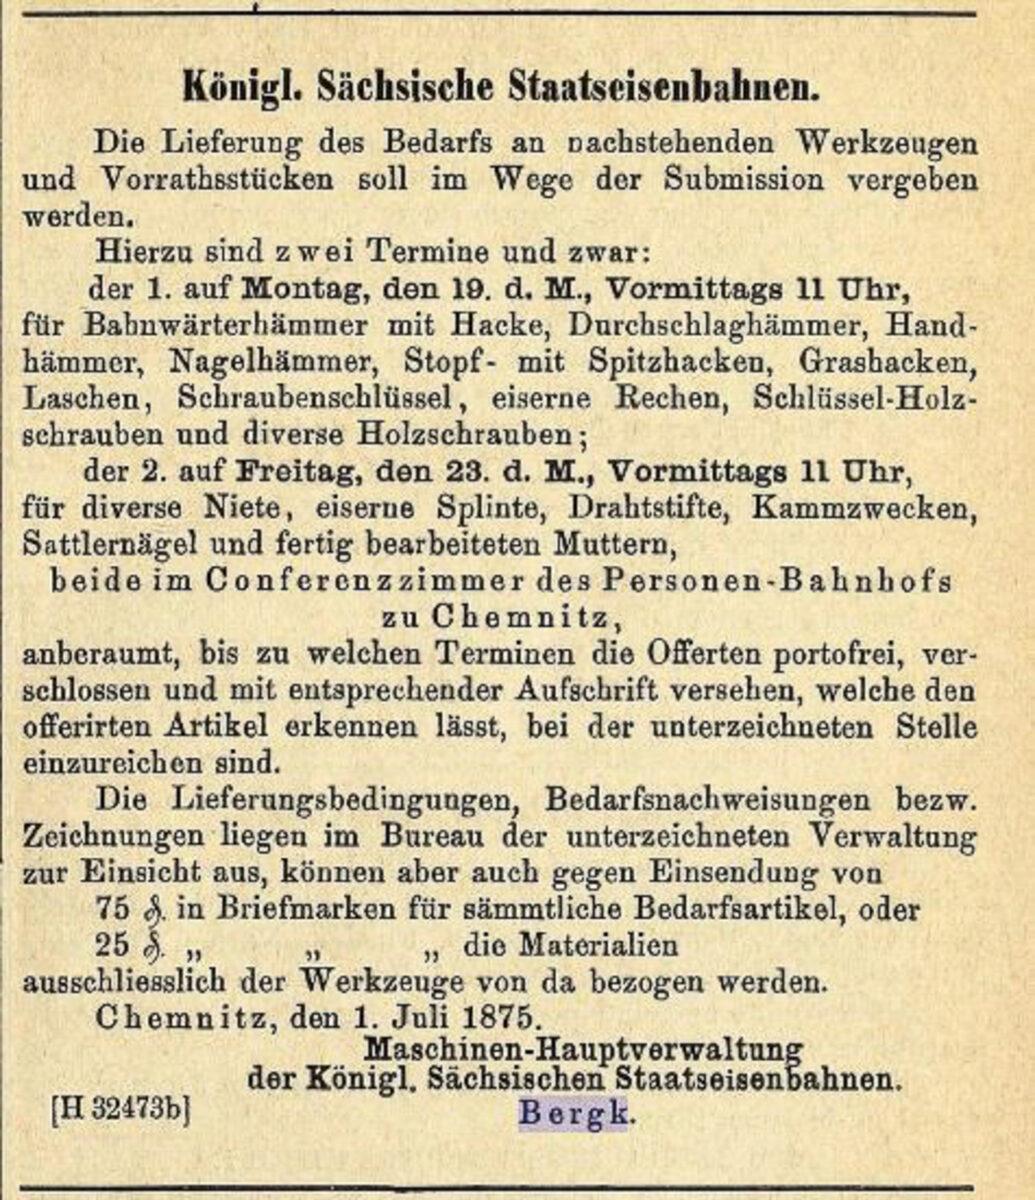 Zeitung des Vereins Deutscher Eisenbahn Verwaltungen 02.07.1875 C / 20200308183433